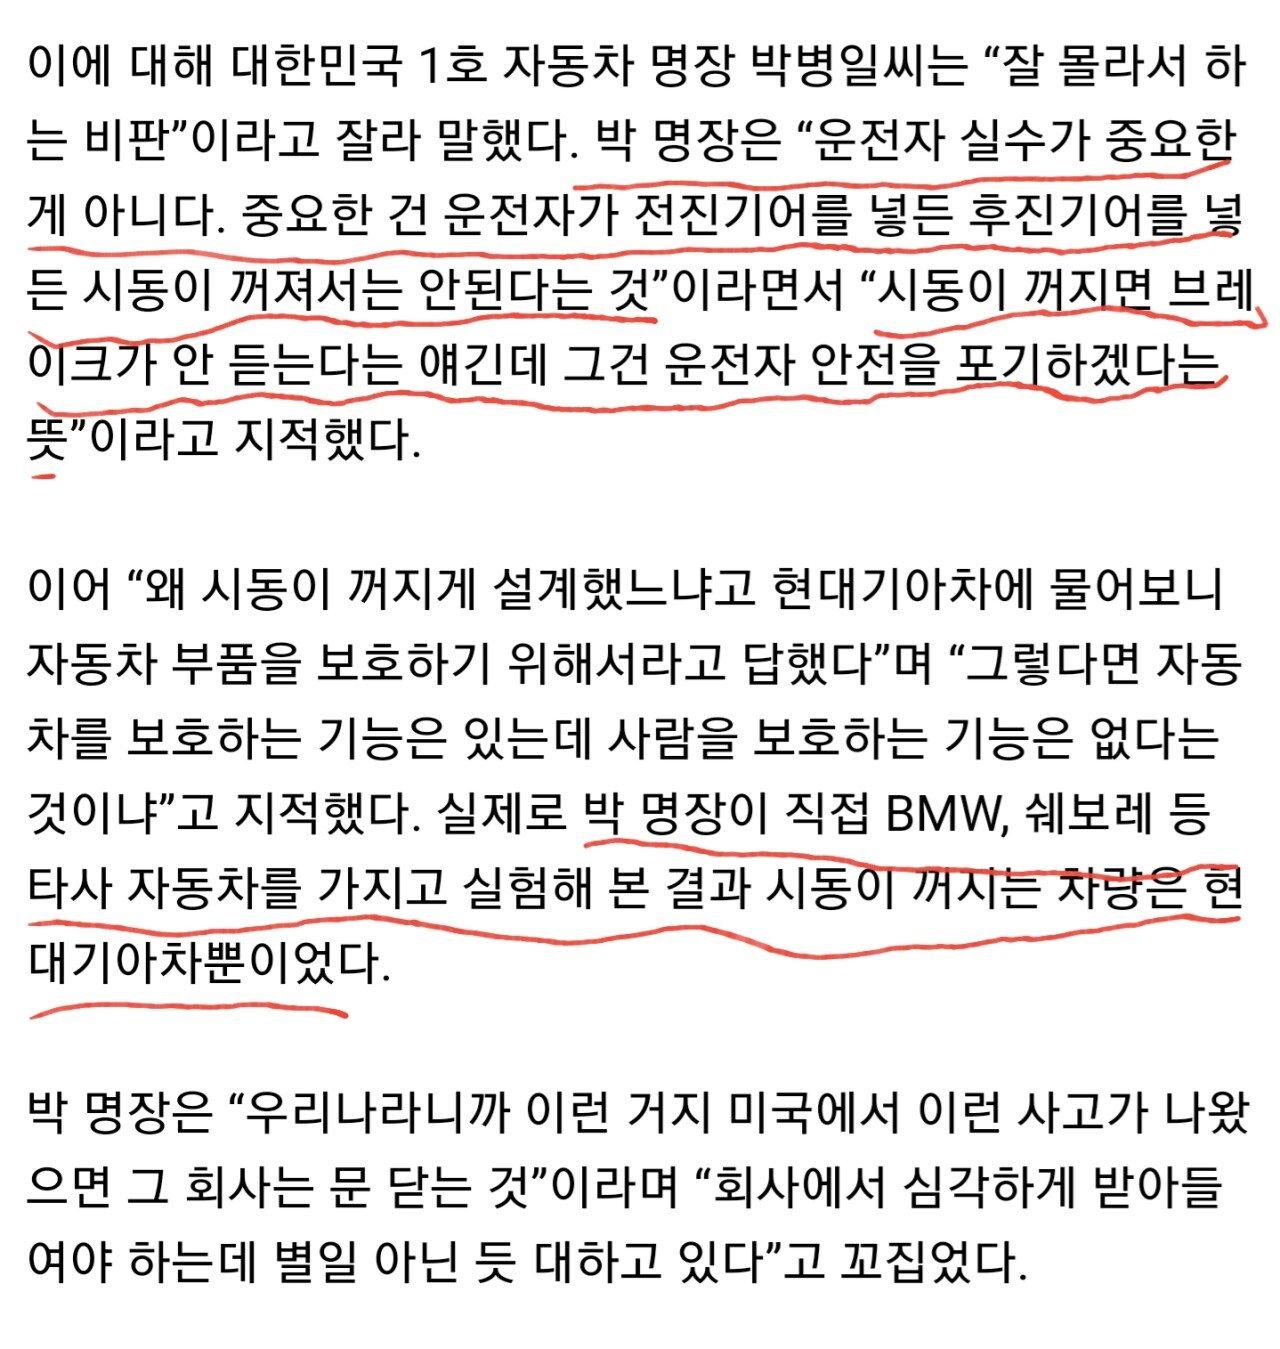 Screenshot_20200123-100410_Samsung Internet.jpg 펠리세이드 전복 관련 박병일 명장의 의견